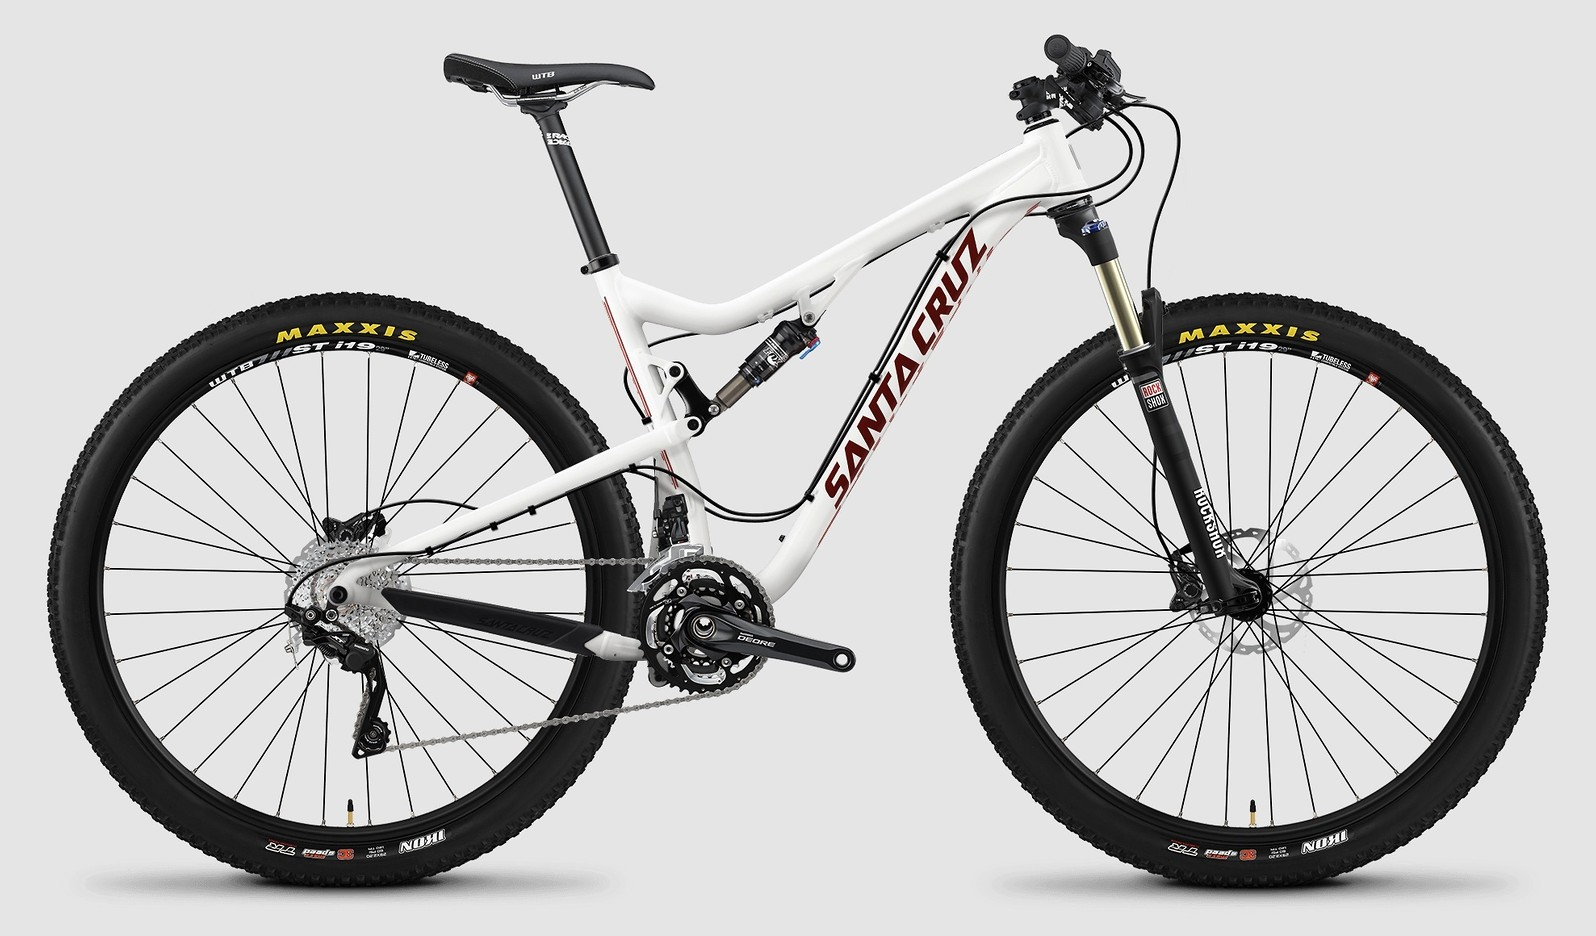 2015 Santa Cruz Tallboy Aluminum R bike - white